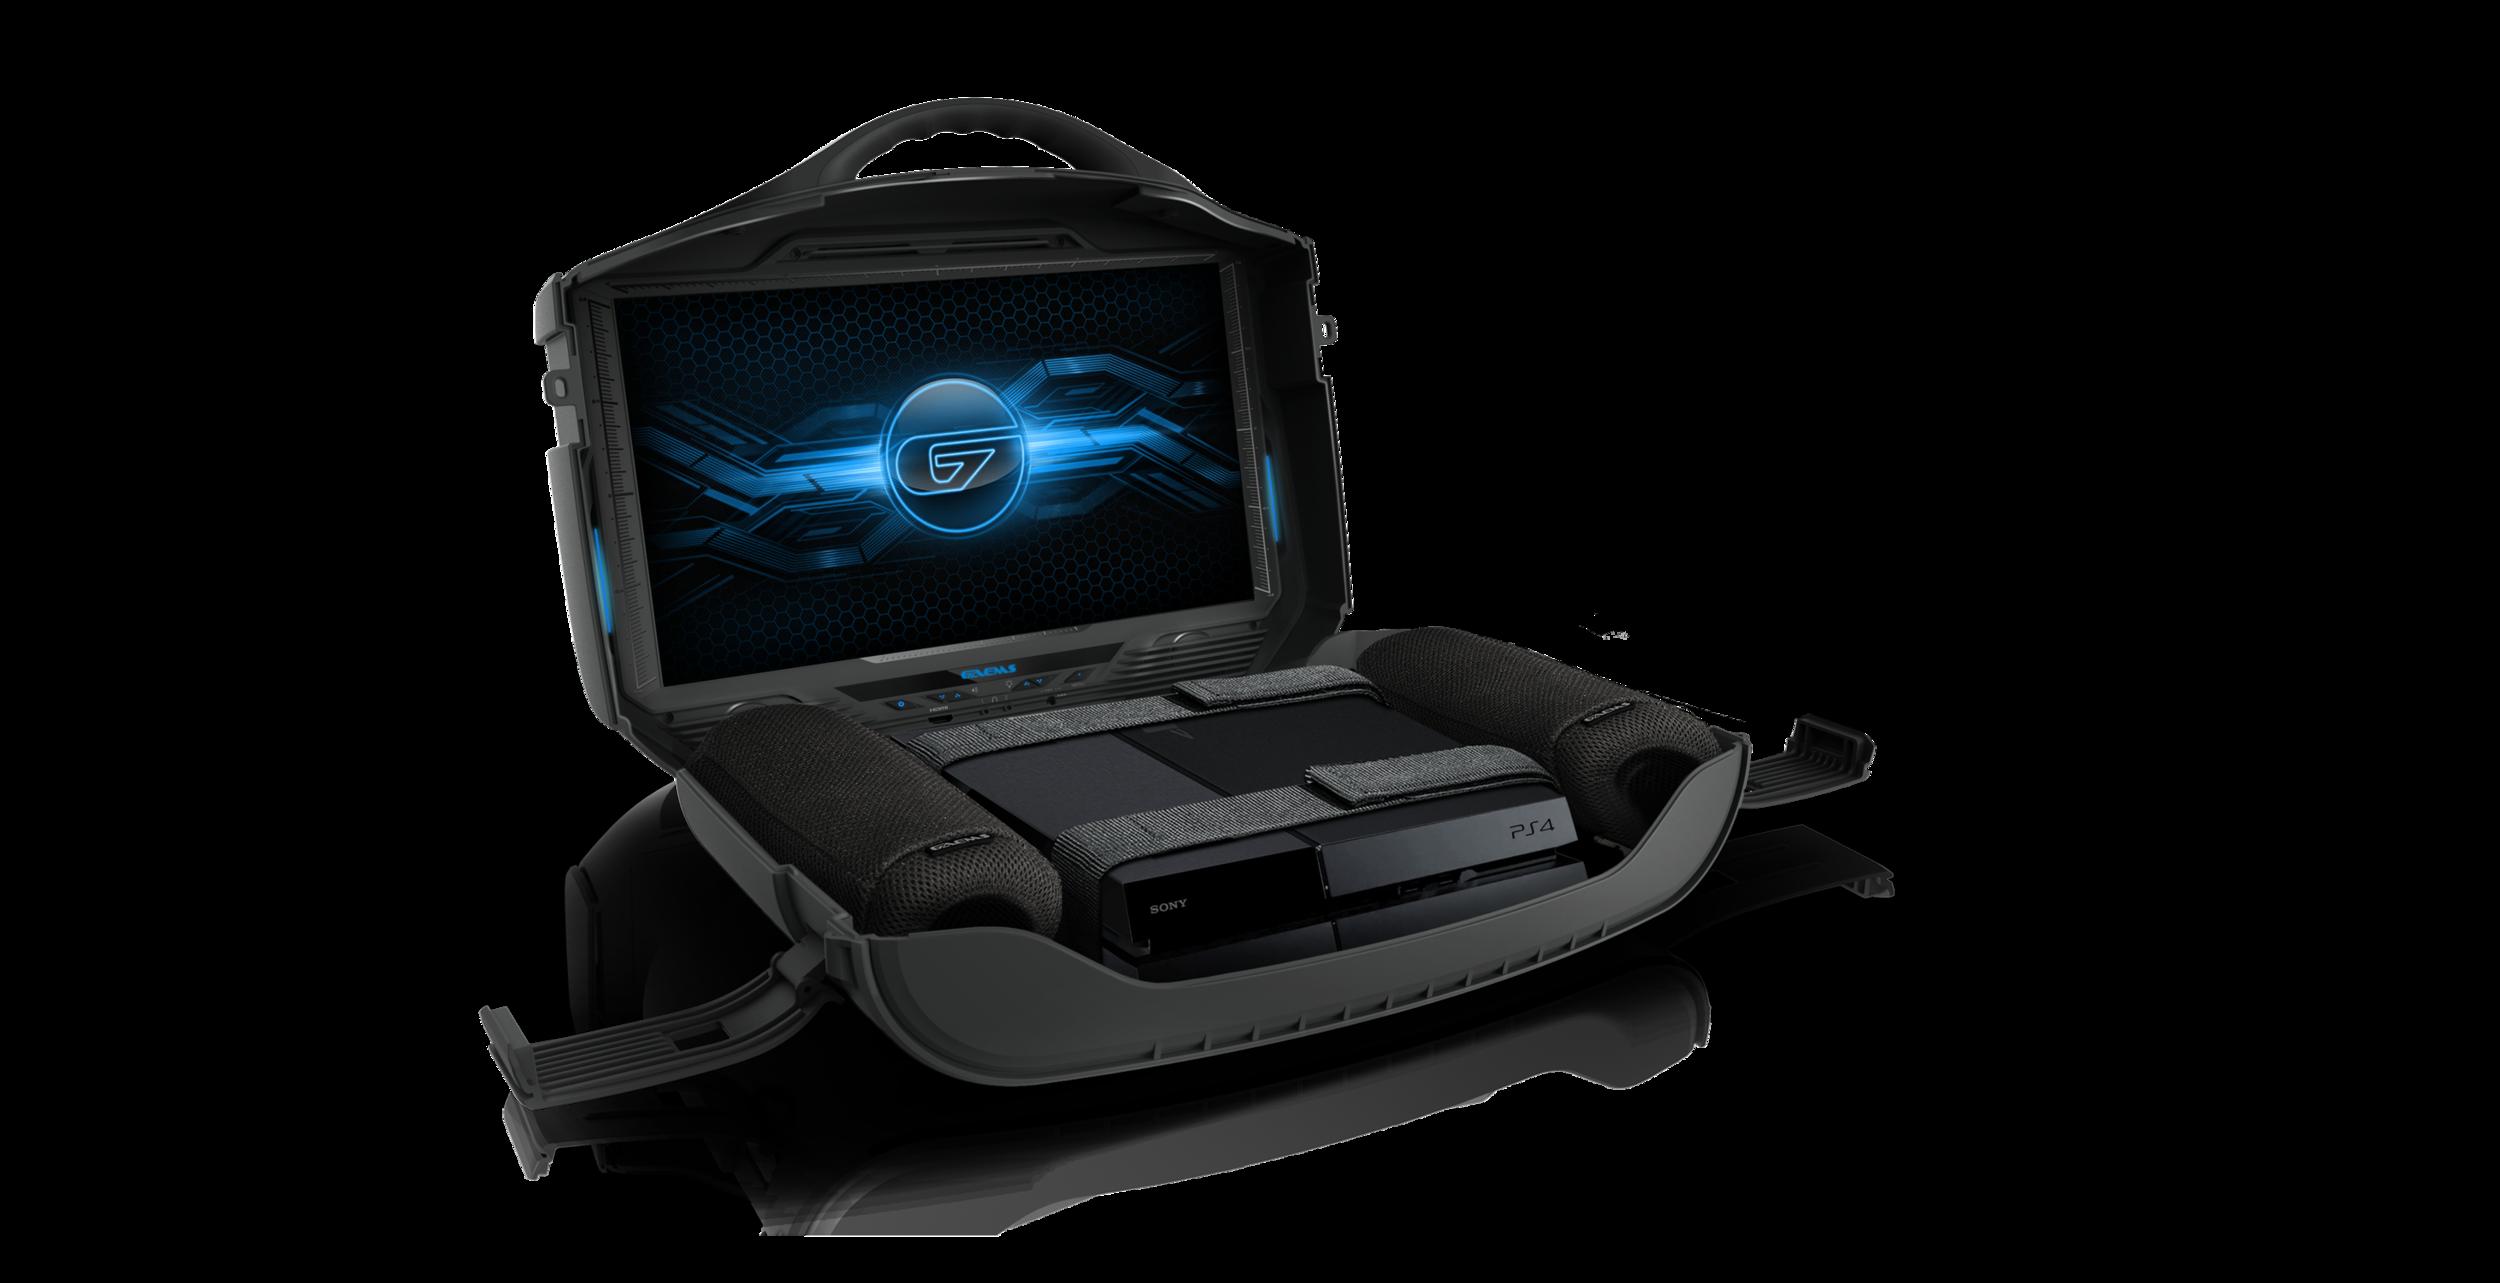 GAEMS Vanguard - Personal Gaming Environment